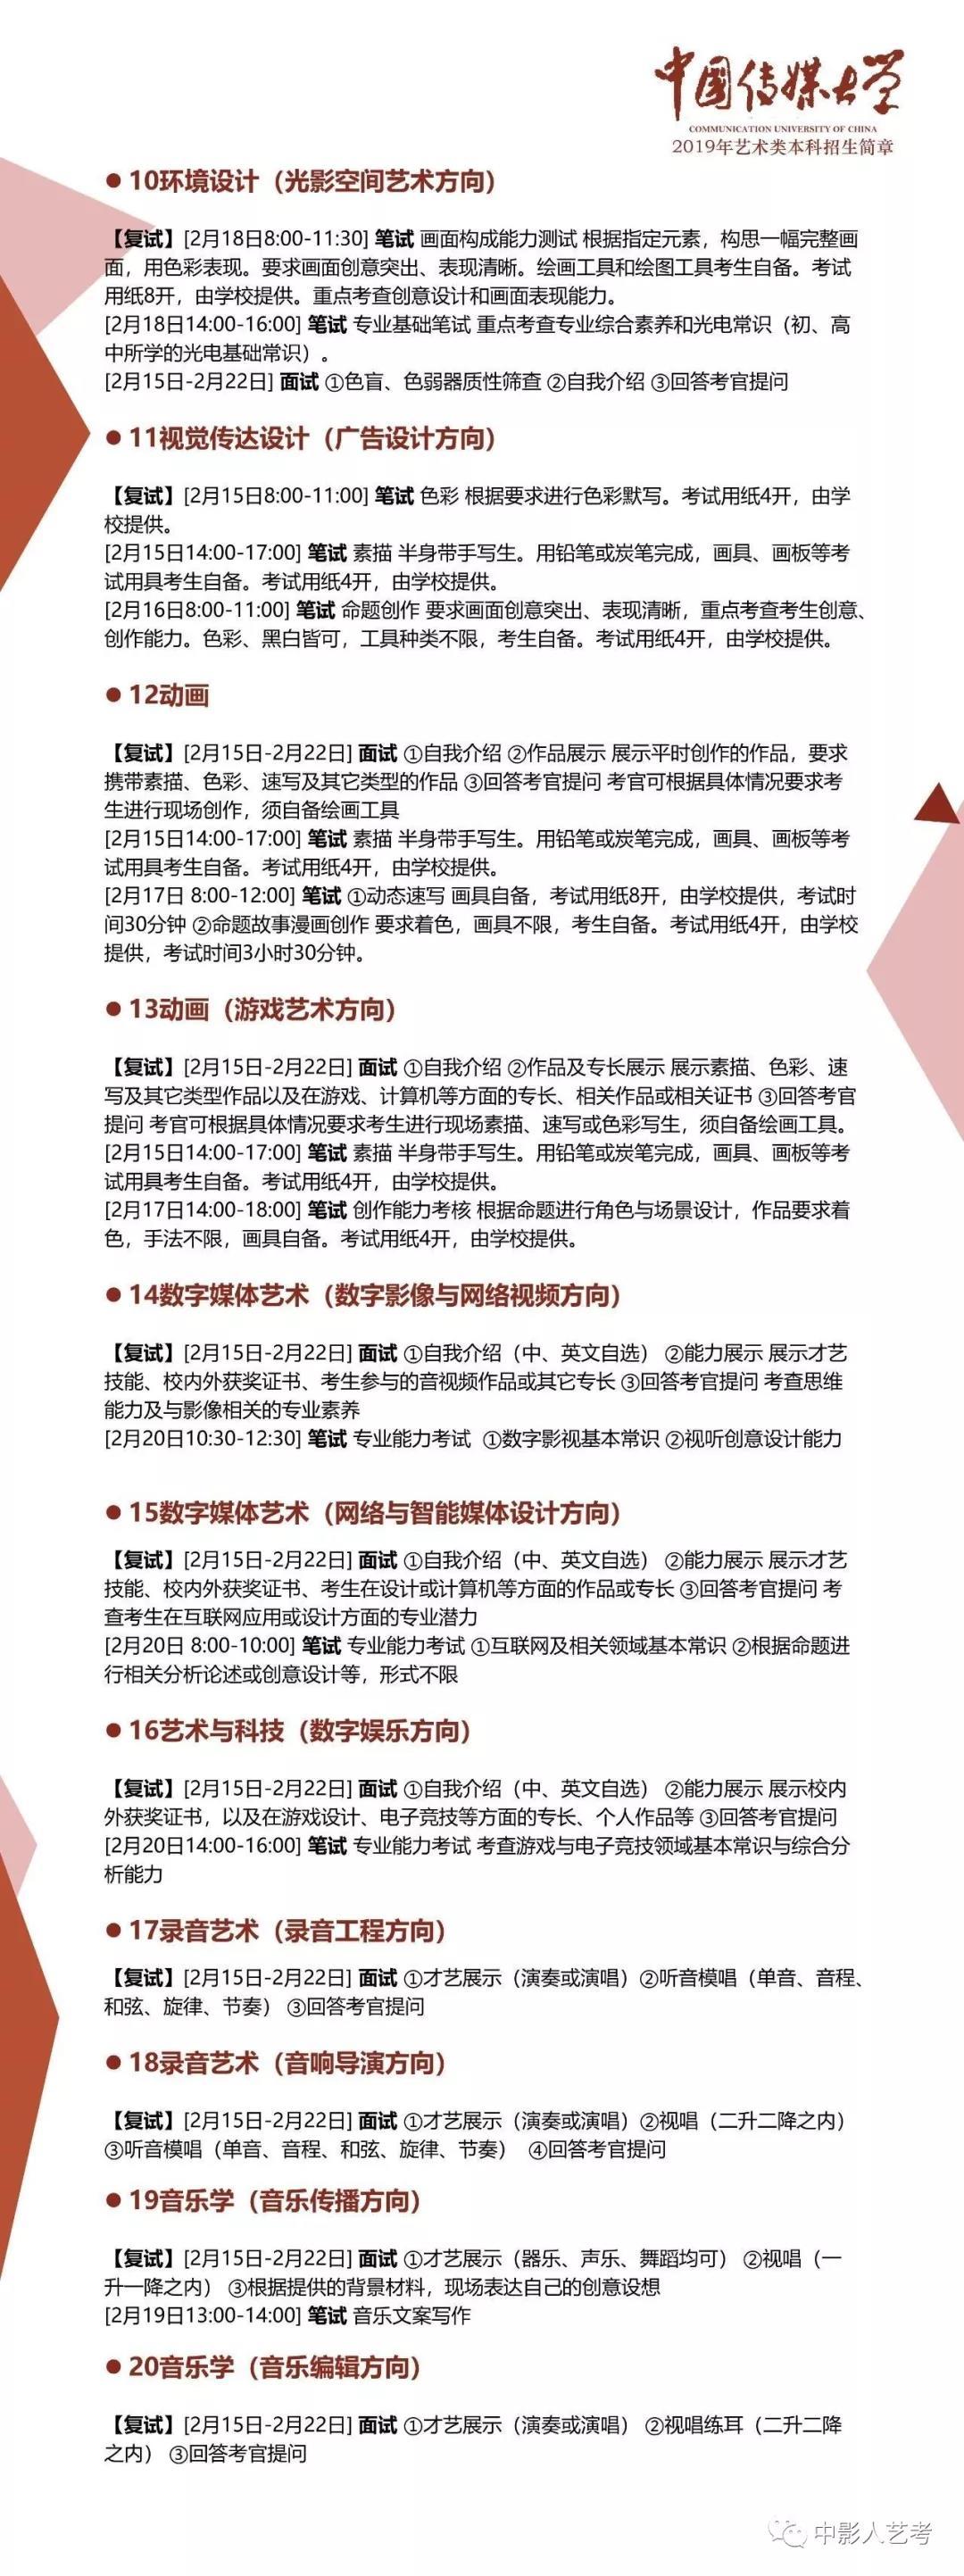 中国传媒大学艺术类本科招生简章4